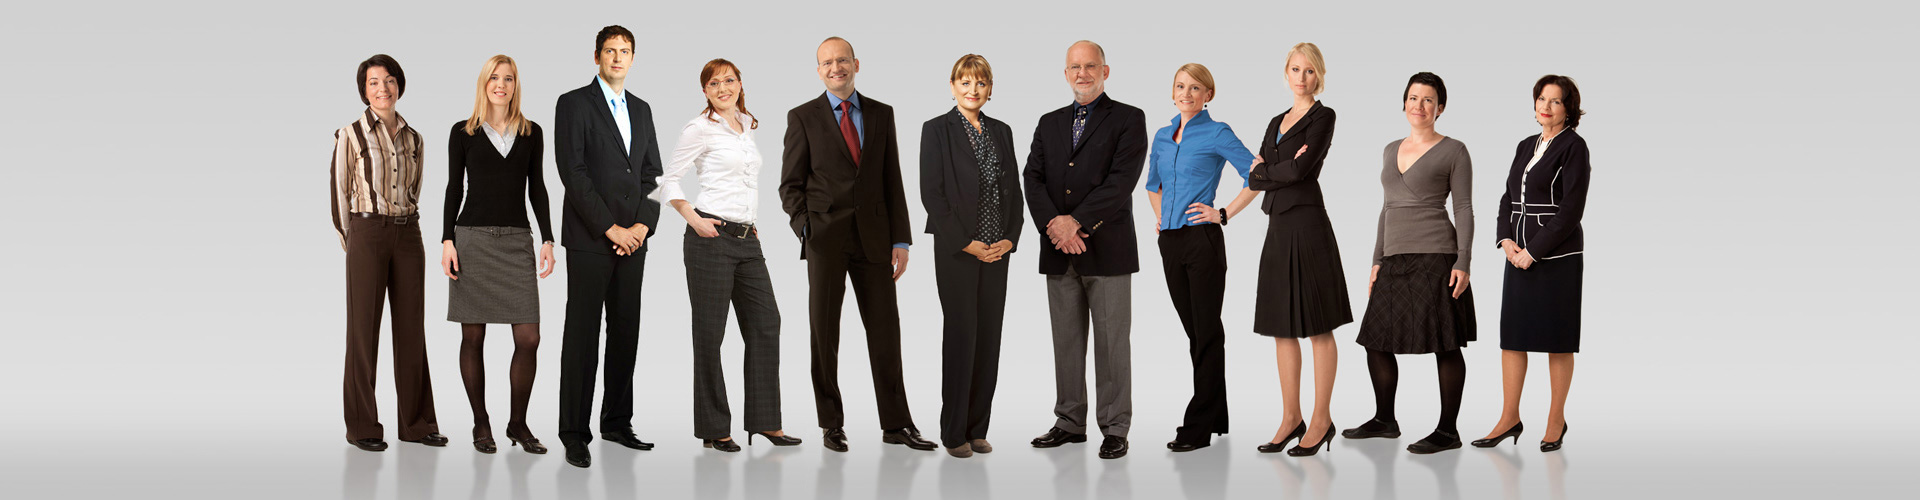 ITEM Team